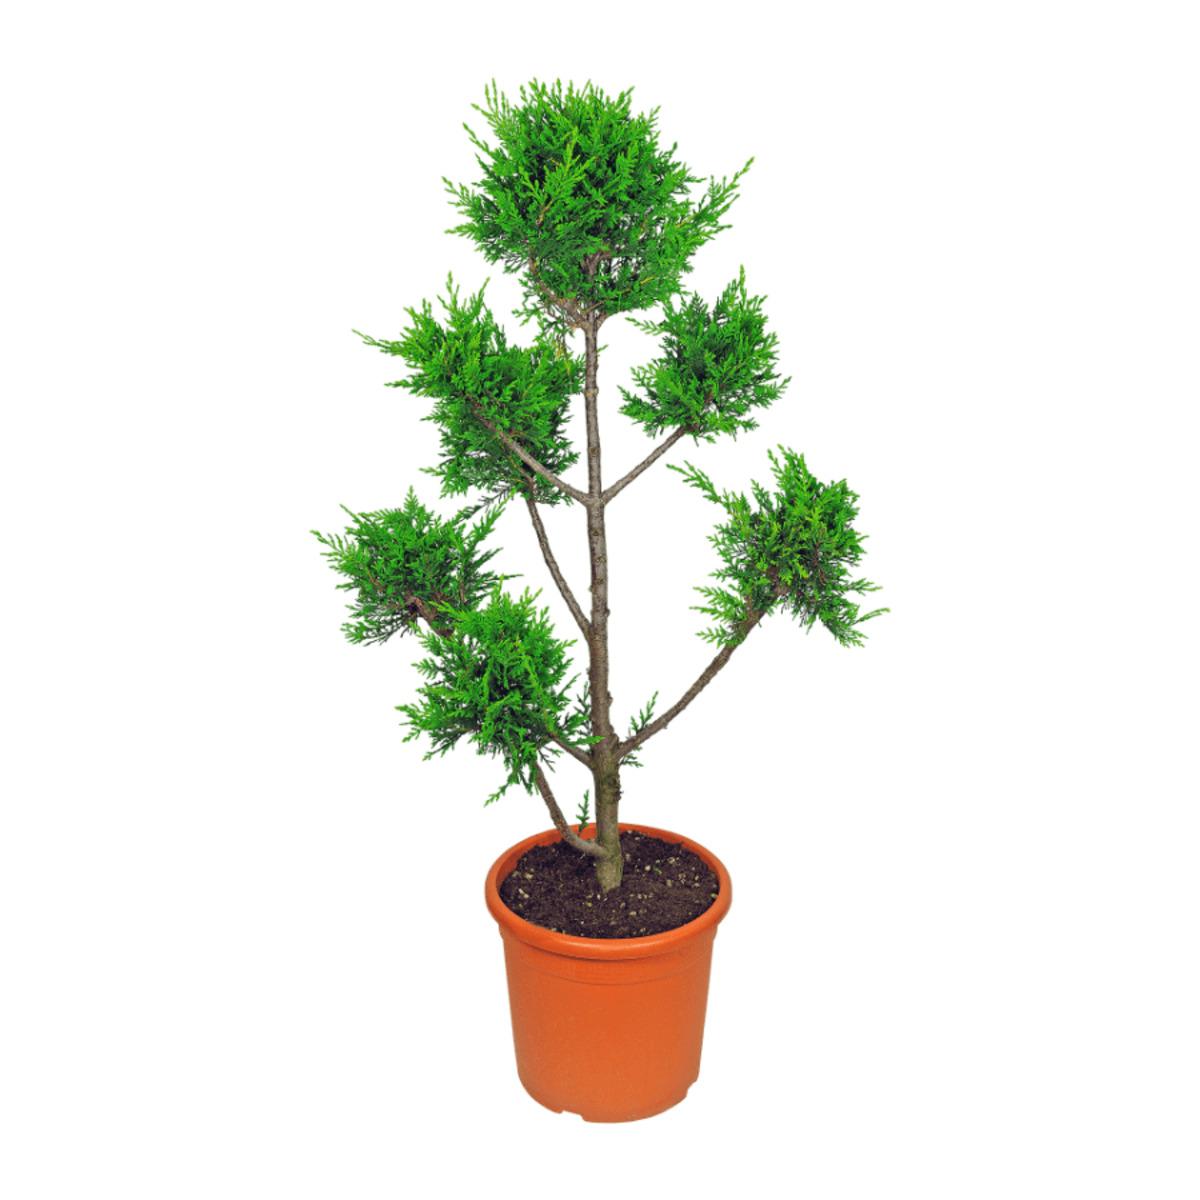 Bild 5 von GARDEN FEELINGS     Pflanze in Formschnitt